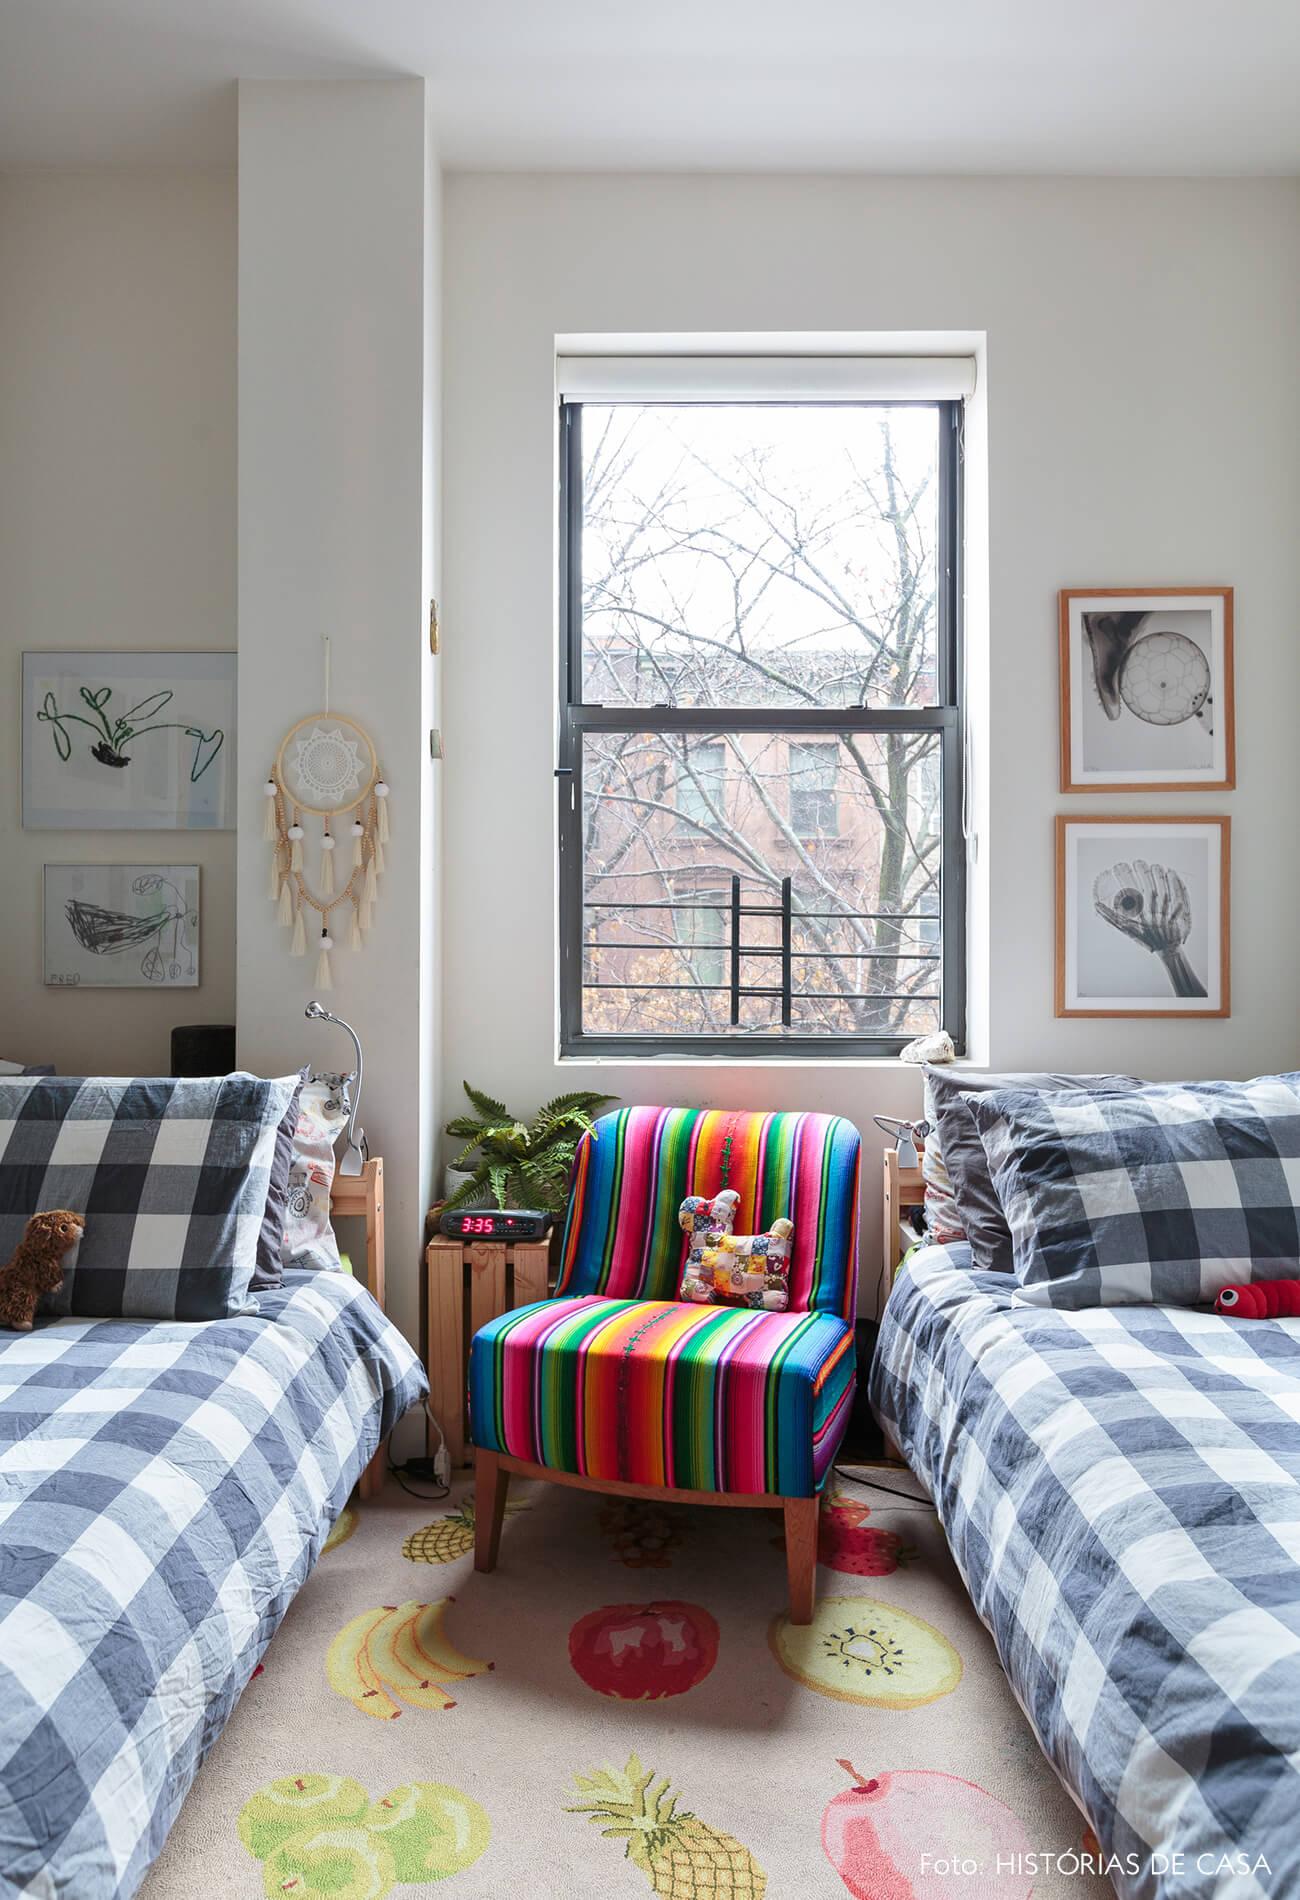 ap deecoração quarto infantil com quadros e poltrona colorida